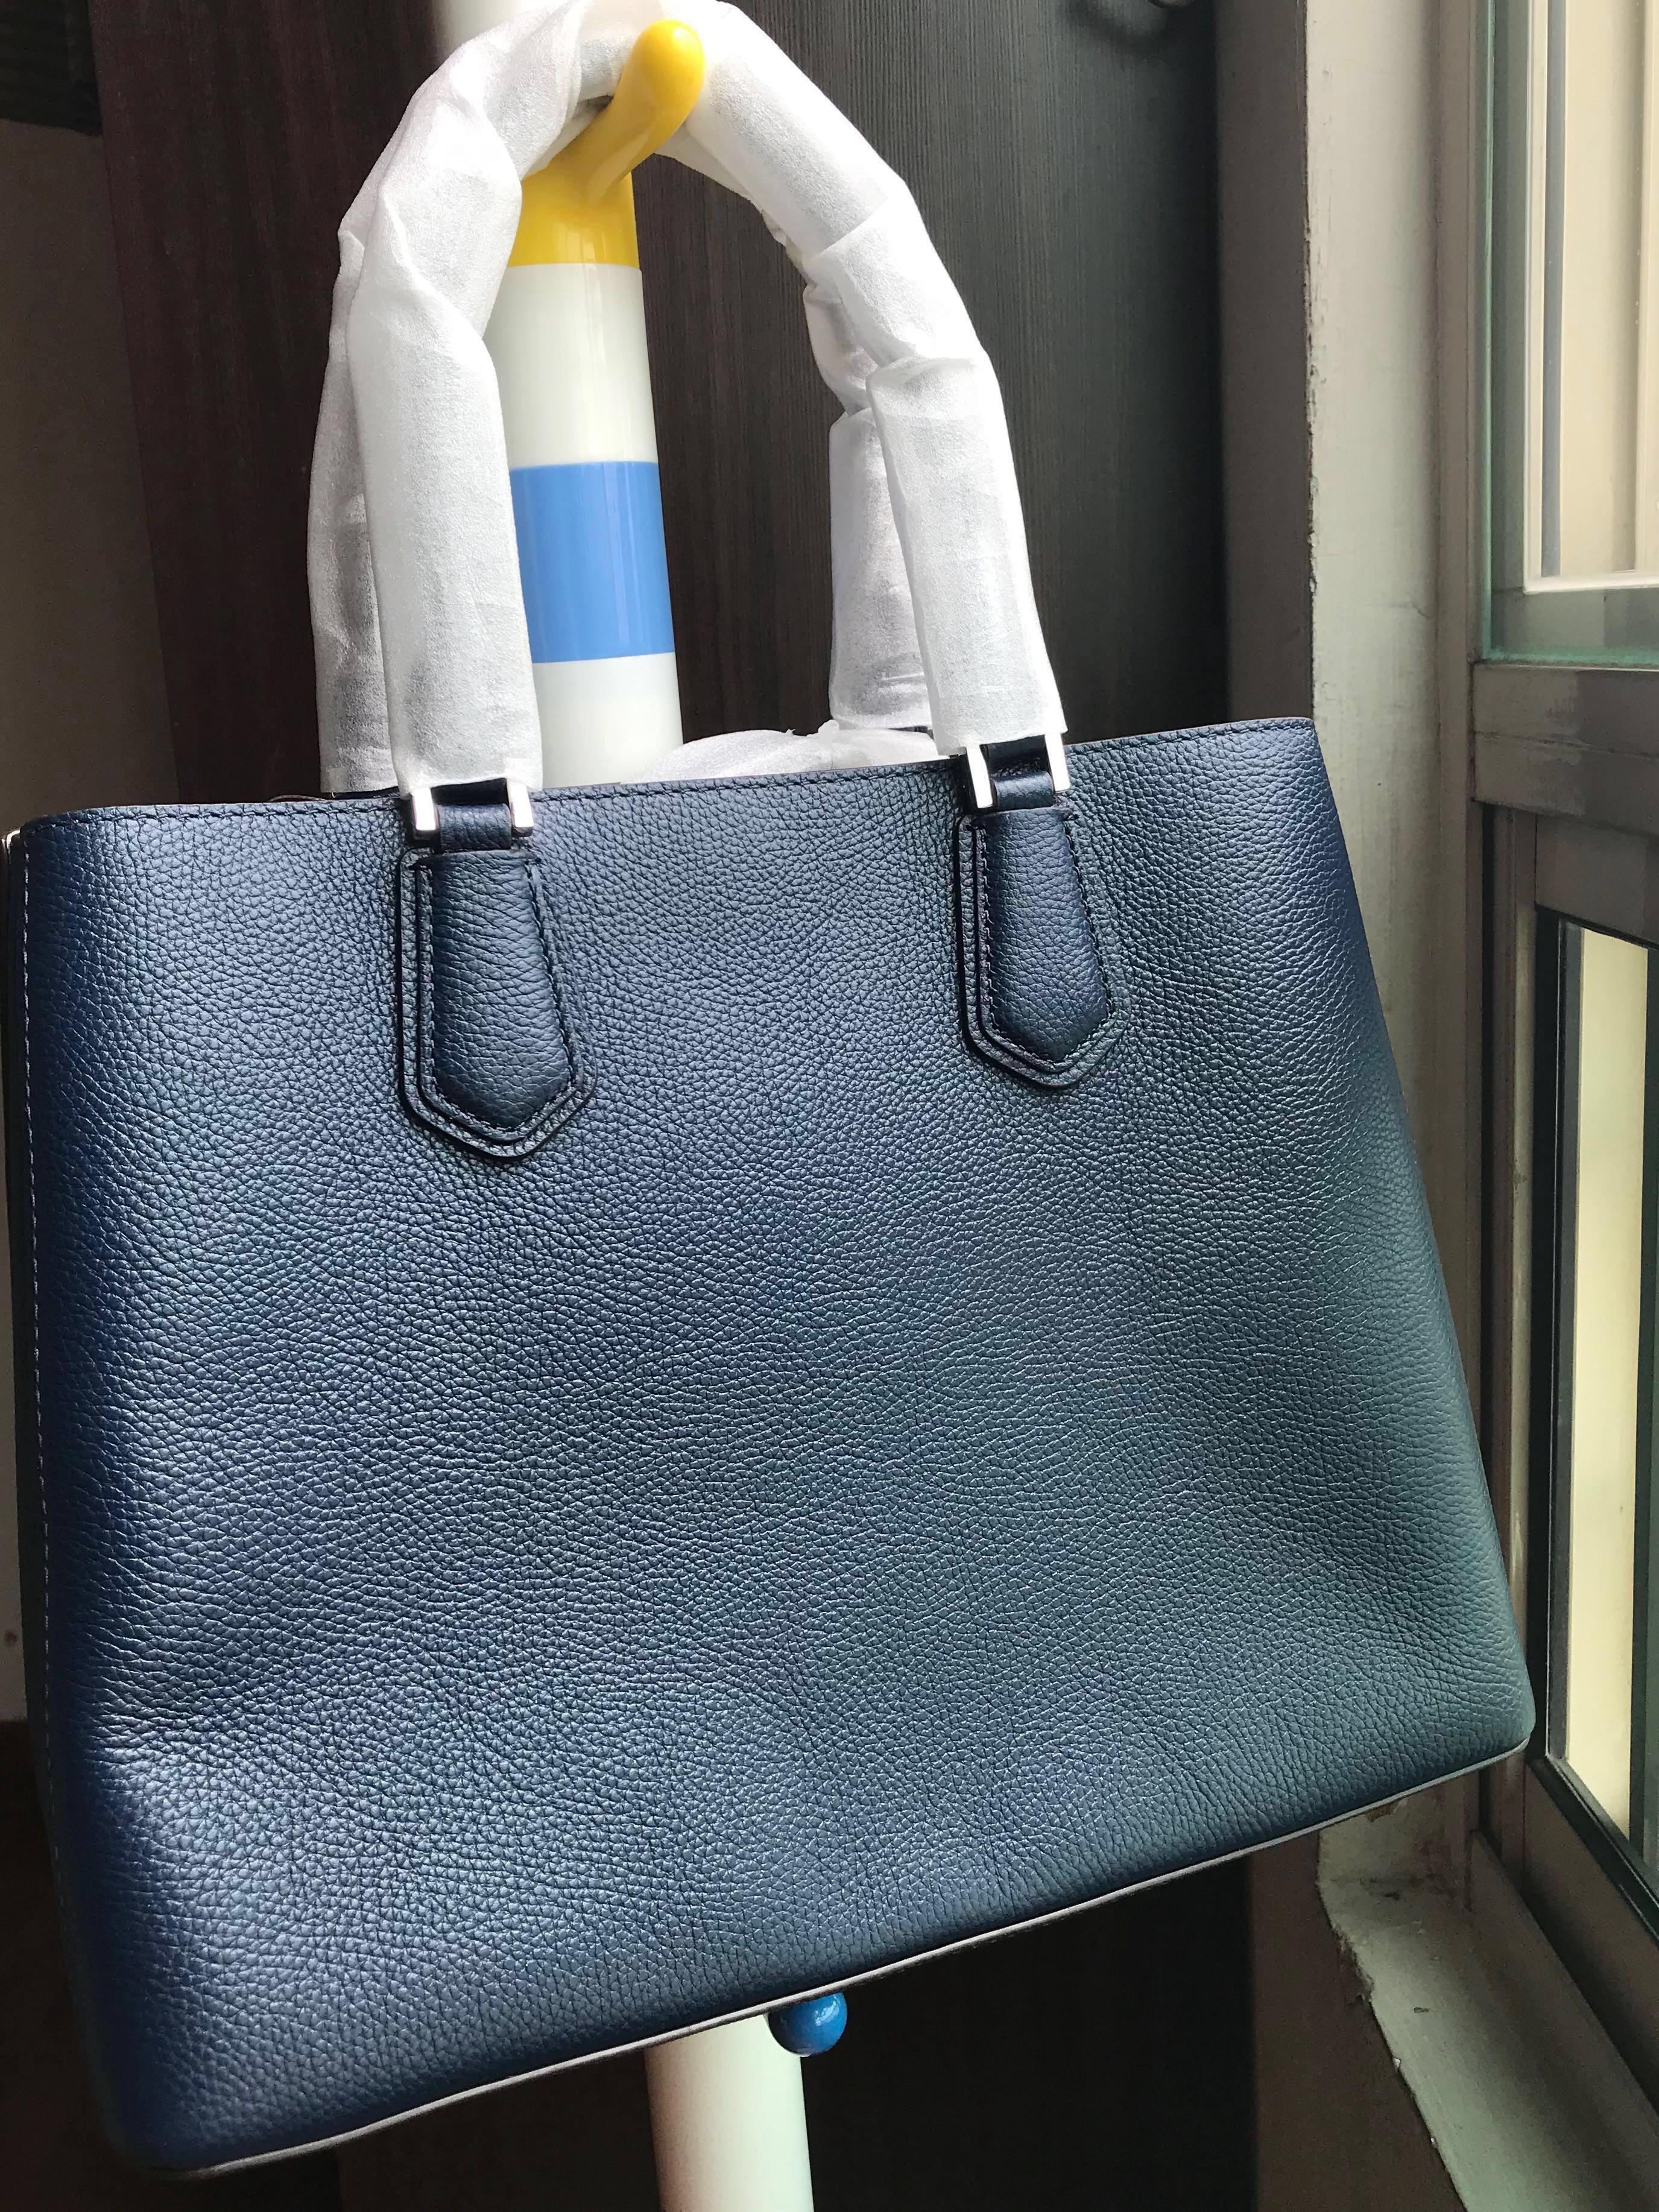 27dcd8aec149 🛍Michael Kors Ladies Leather Handbag 🔆 sale